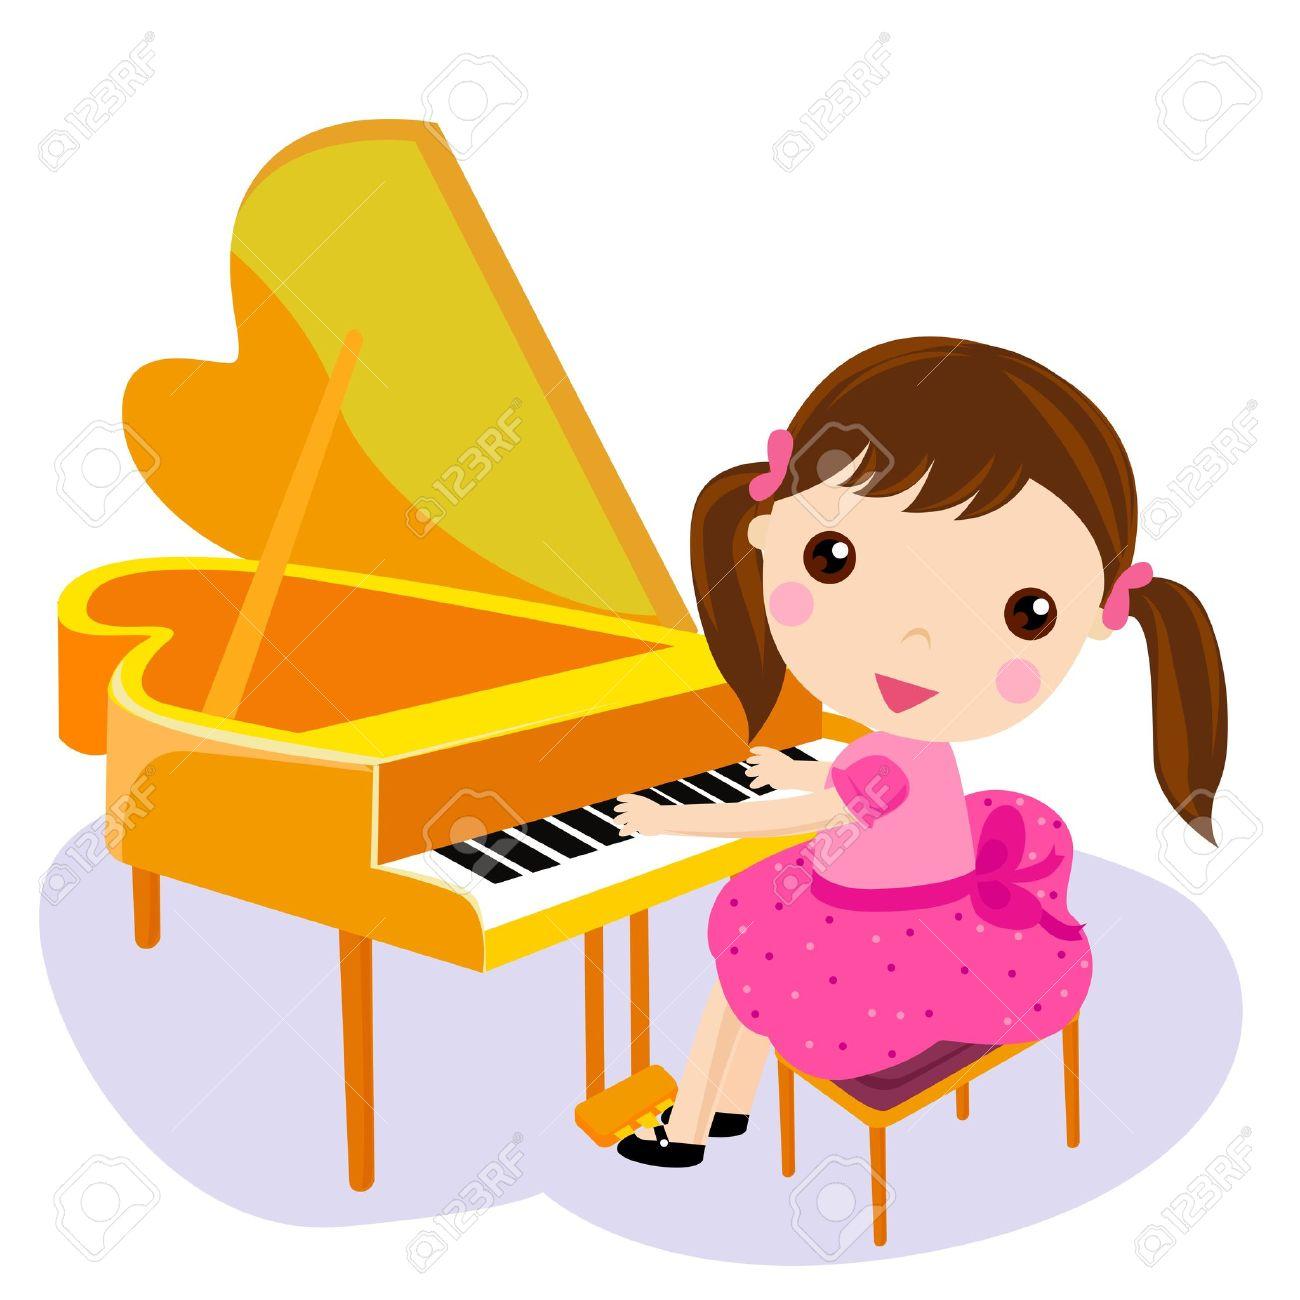 Chica Tocar El Piano Ilustración Vectorial De Dibujos Animados